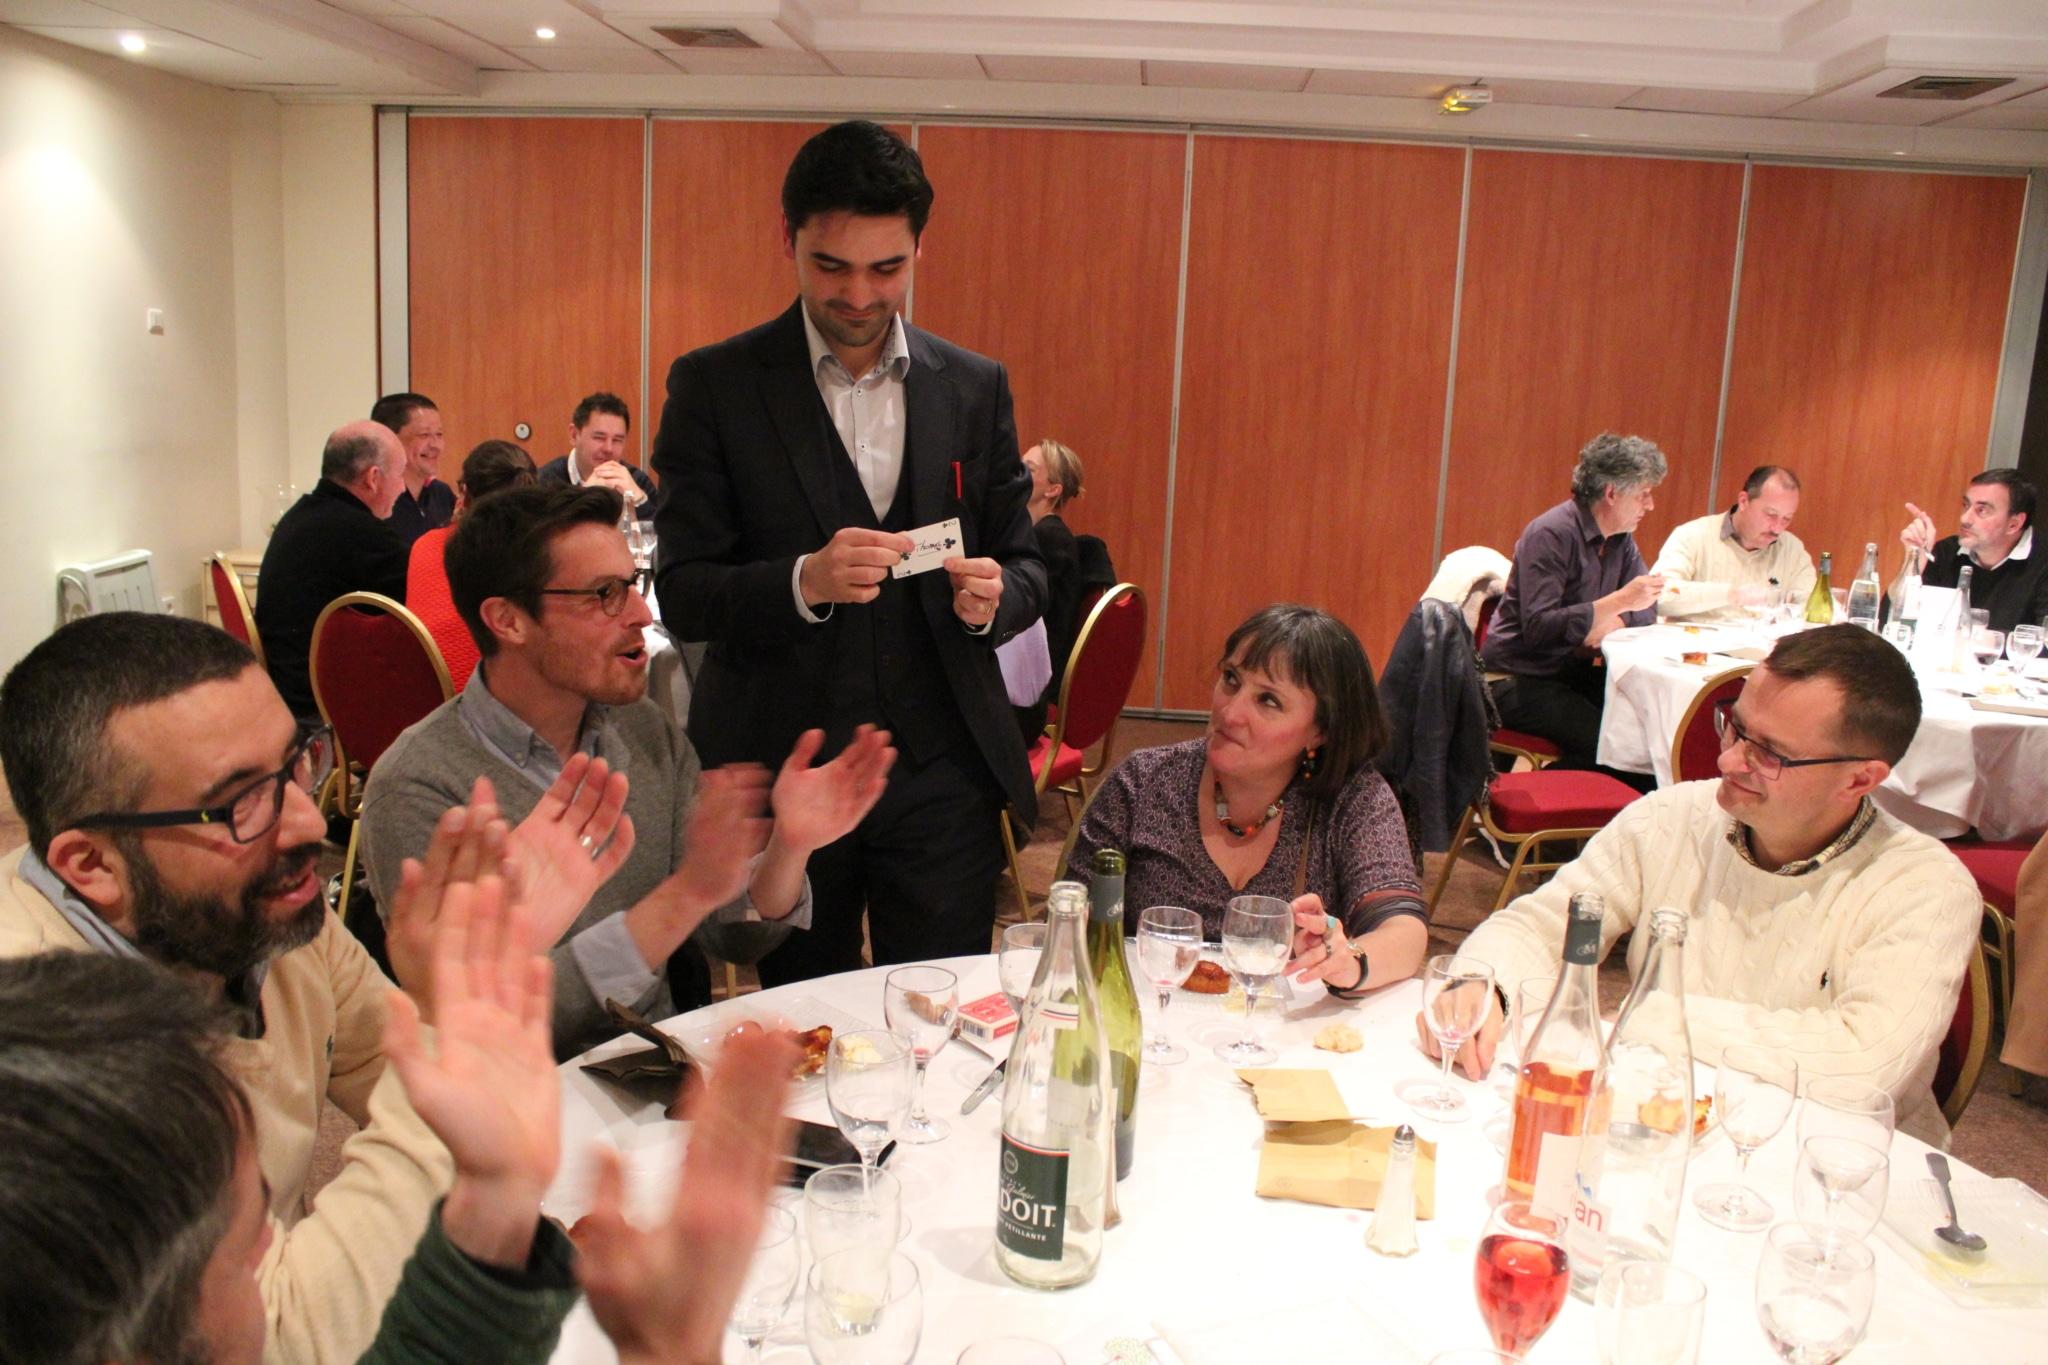 Un magicien du var présentant un tour de close-up dans une soirée d'entreprise.